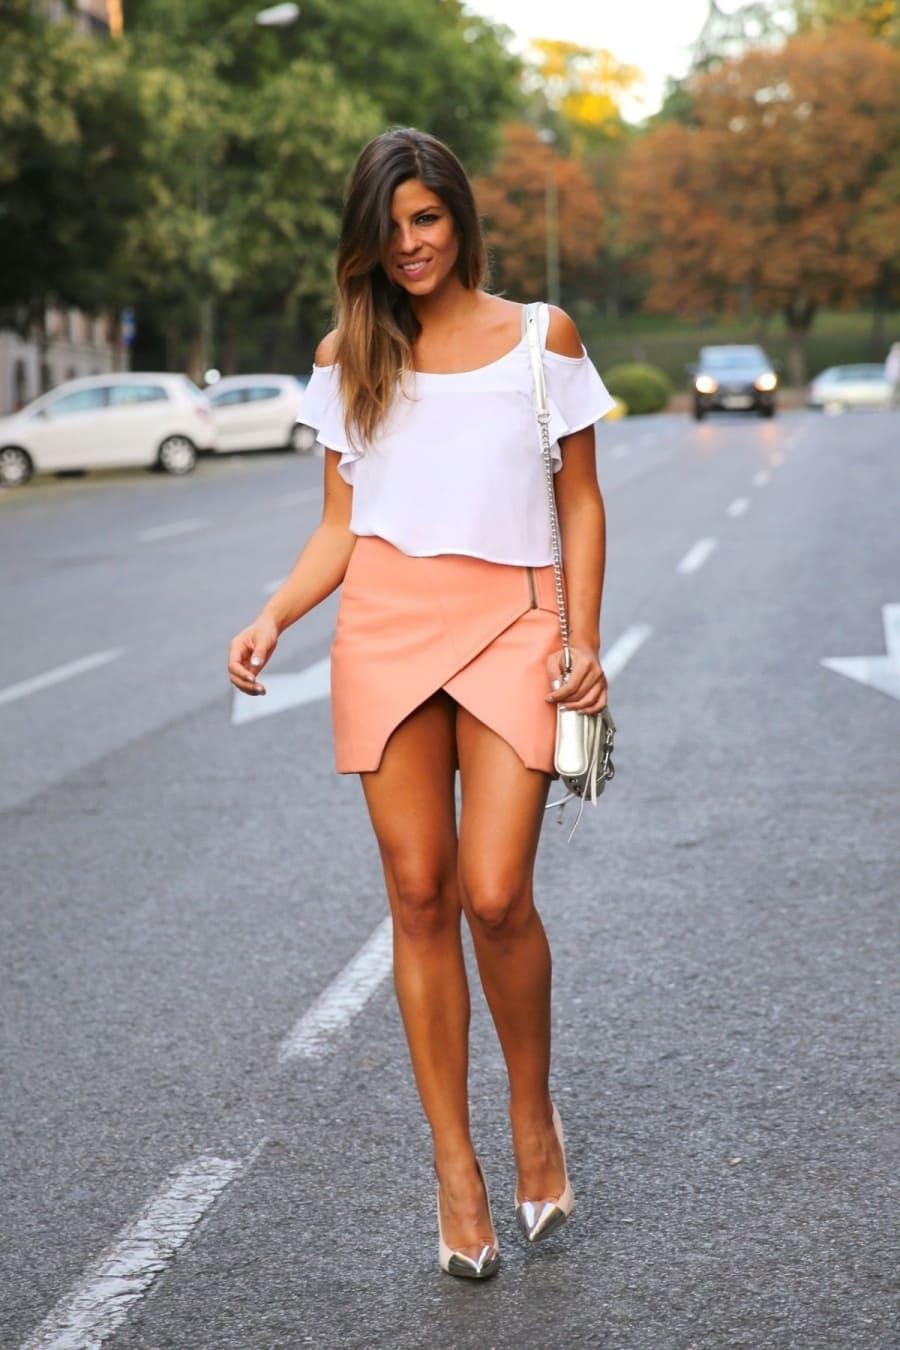 красивые девушки в мини юбках на каблуках идет по дороге улыбается в левой руке держит маленький ридикюль